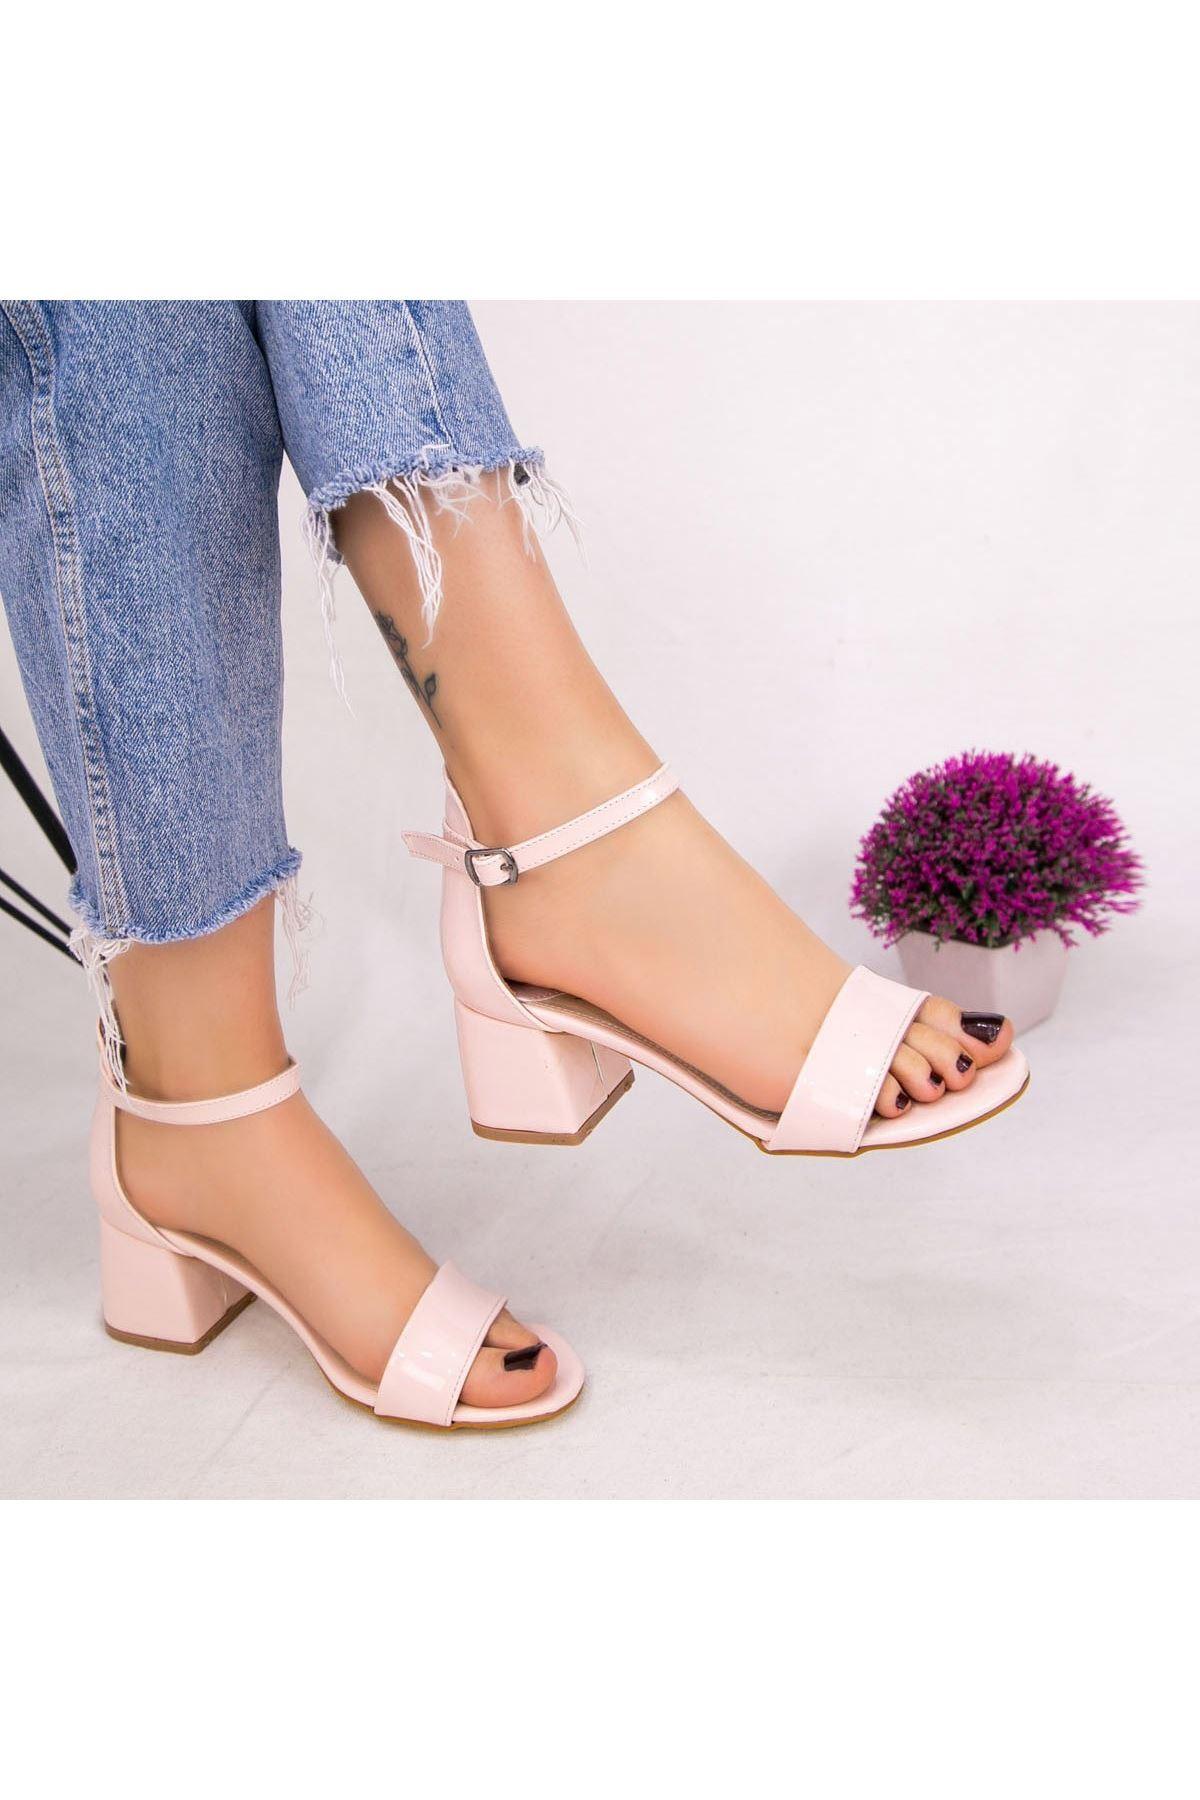 Epon Pudra Rugan Tek Bant Topuklu Ayakkabı